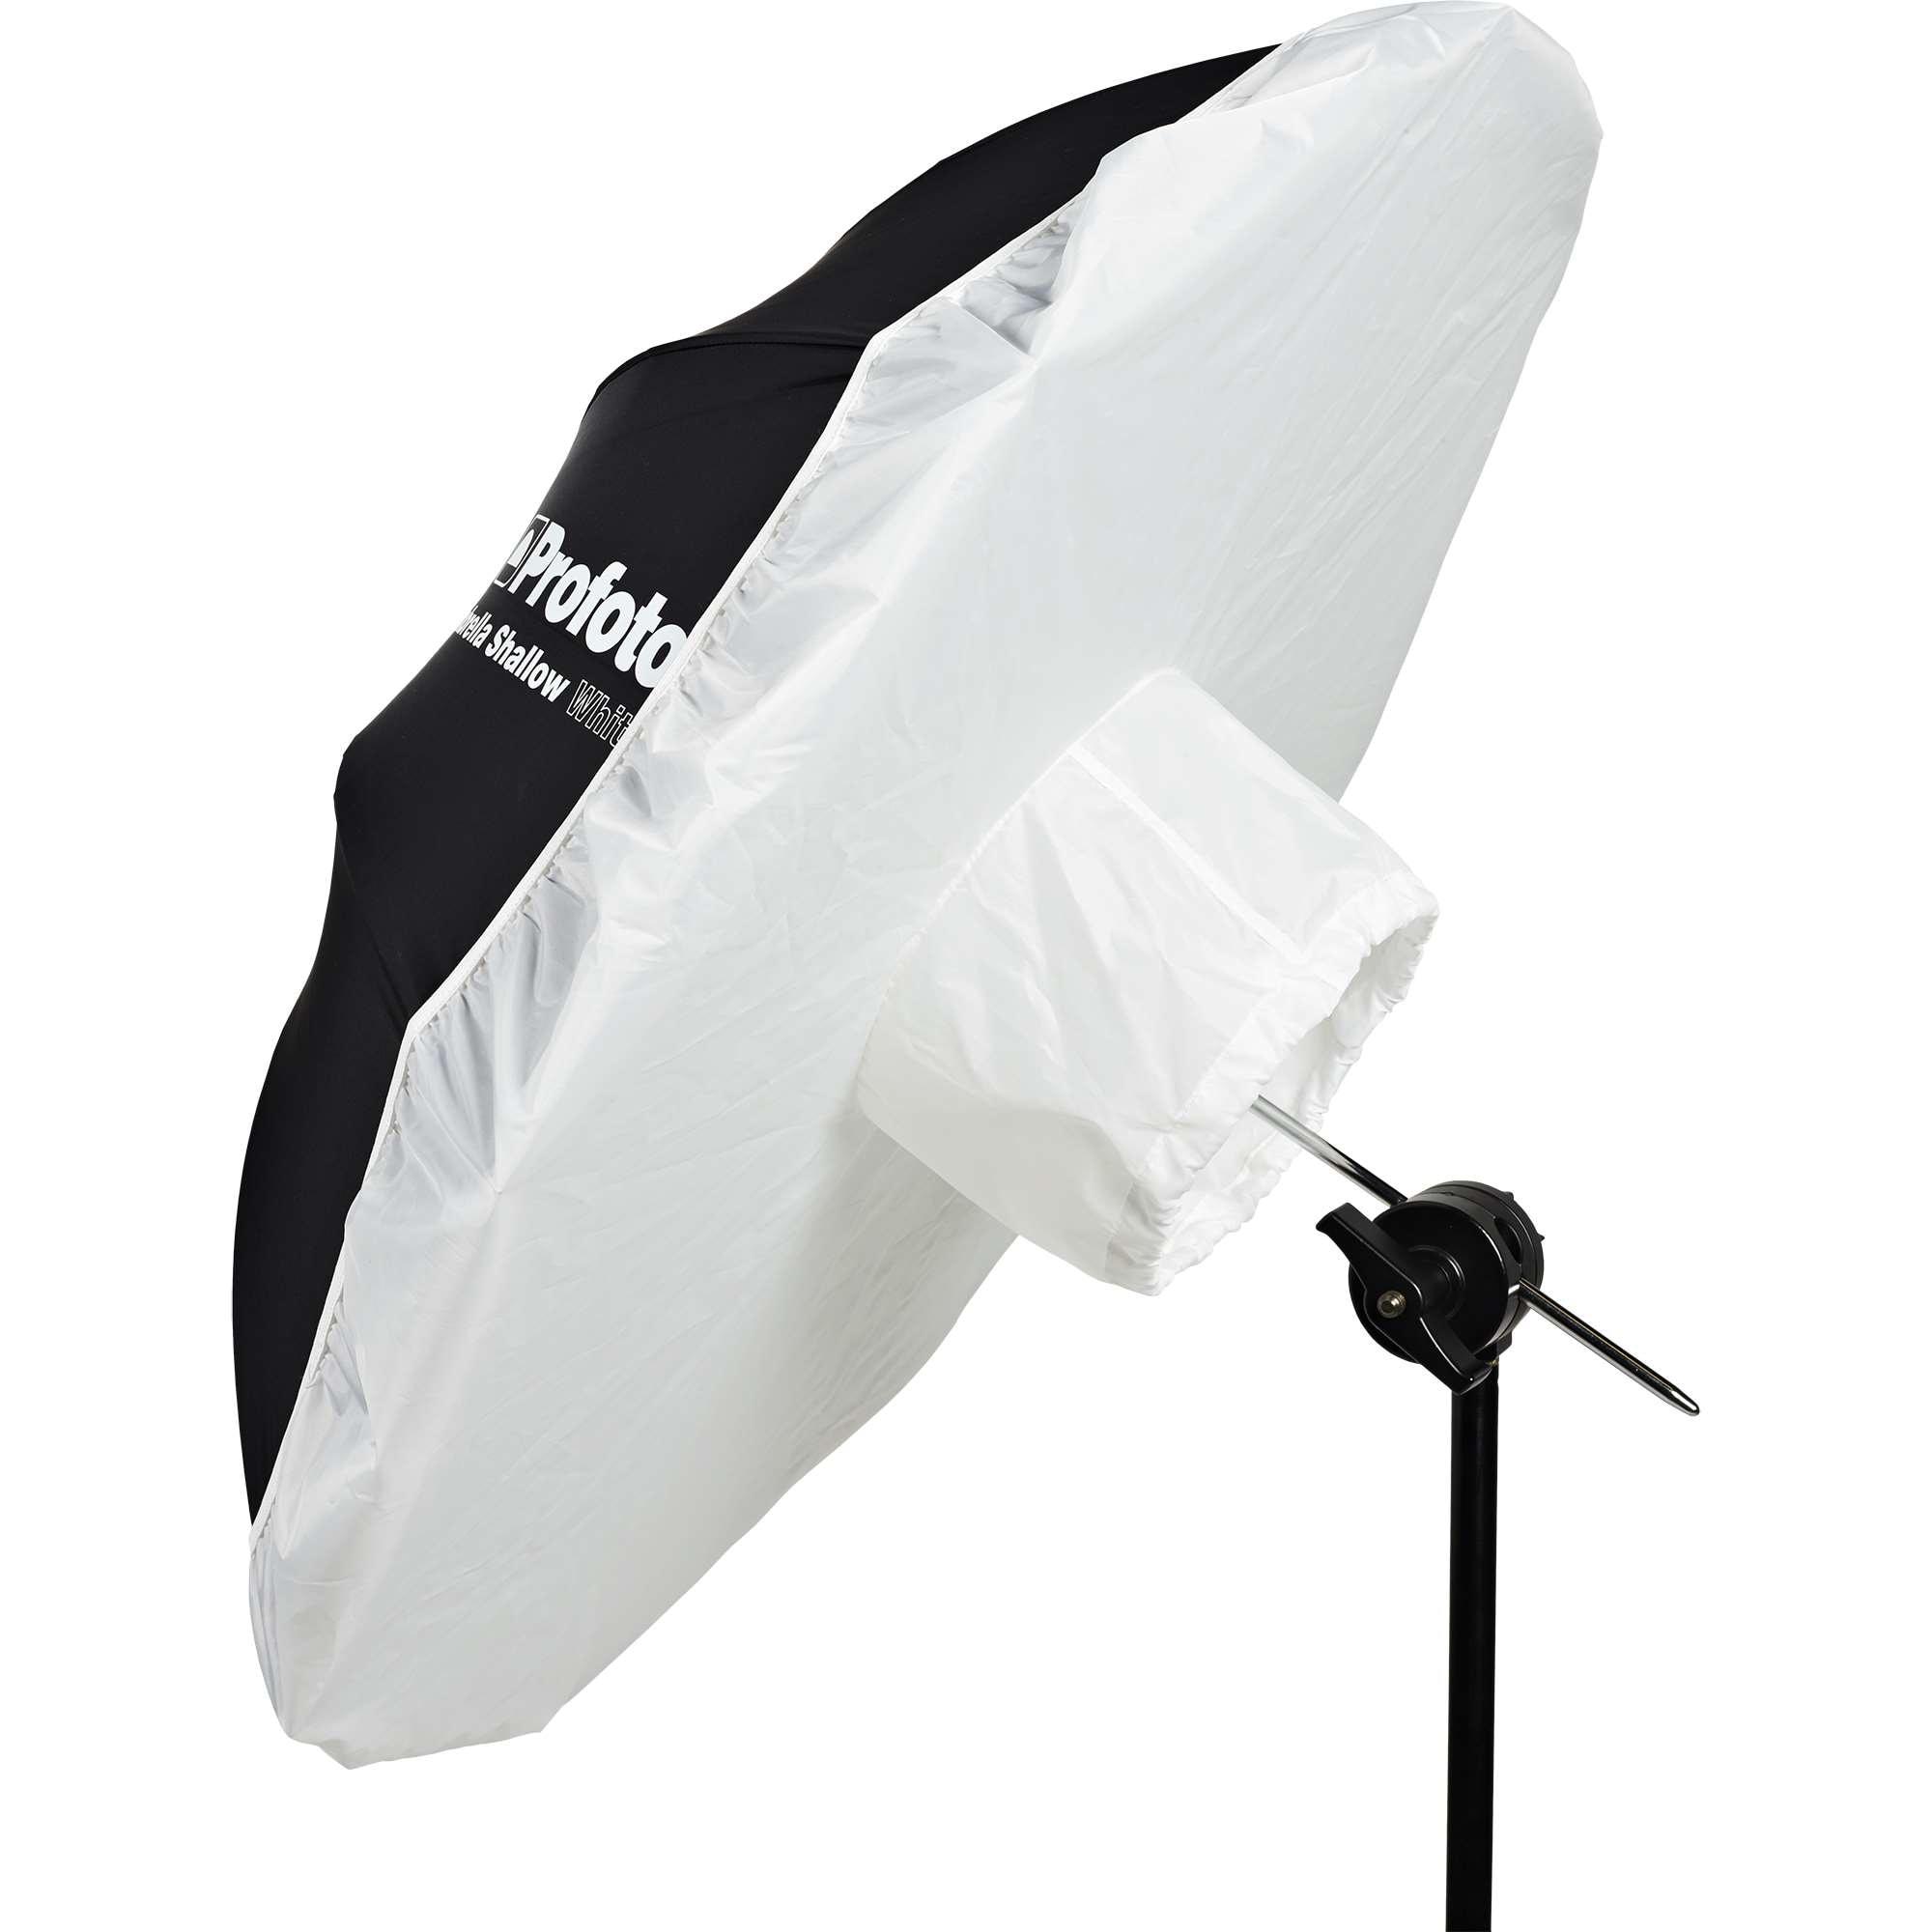 Profoto Umbrella M Diffuser